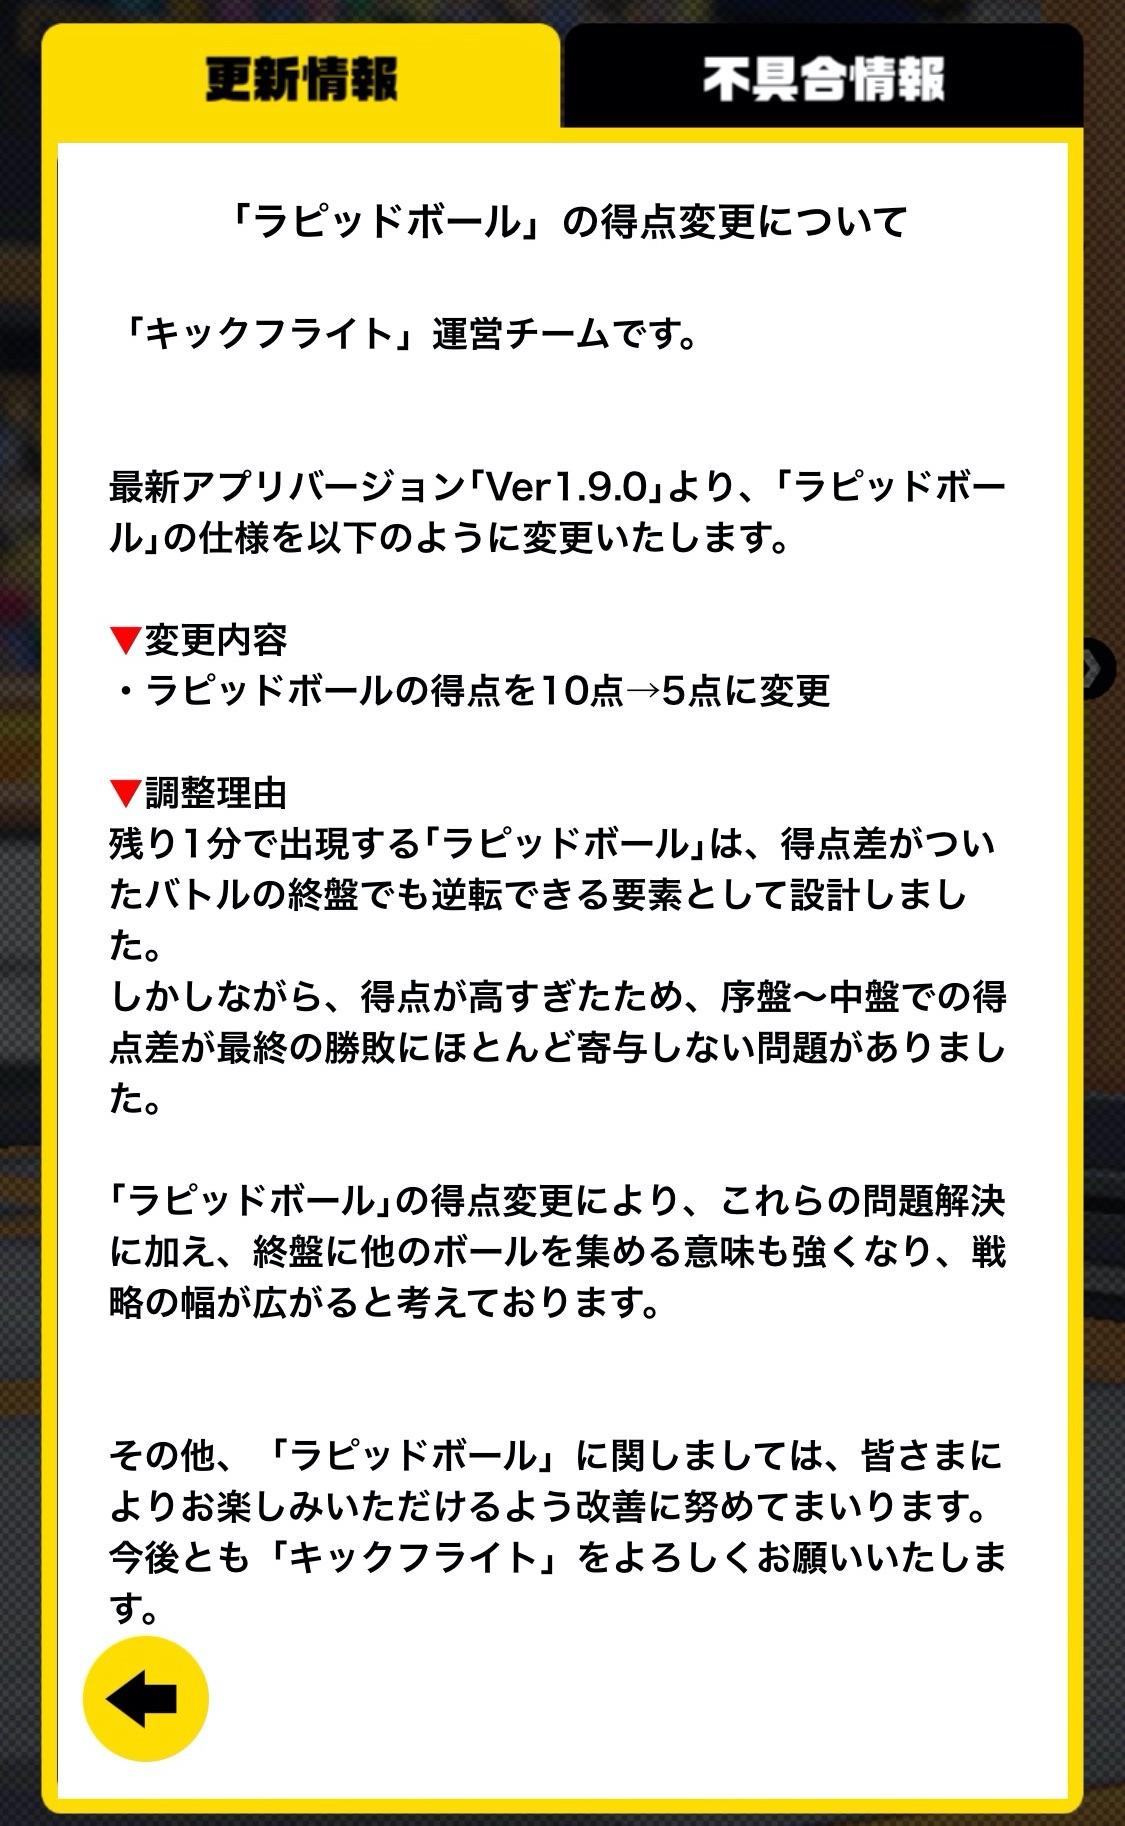 キックフライト【攻略】:シーズン3閉幕!ラピッドボールでの人気キッカーとディスク使用率などを大公開!!